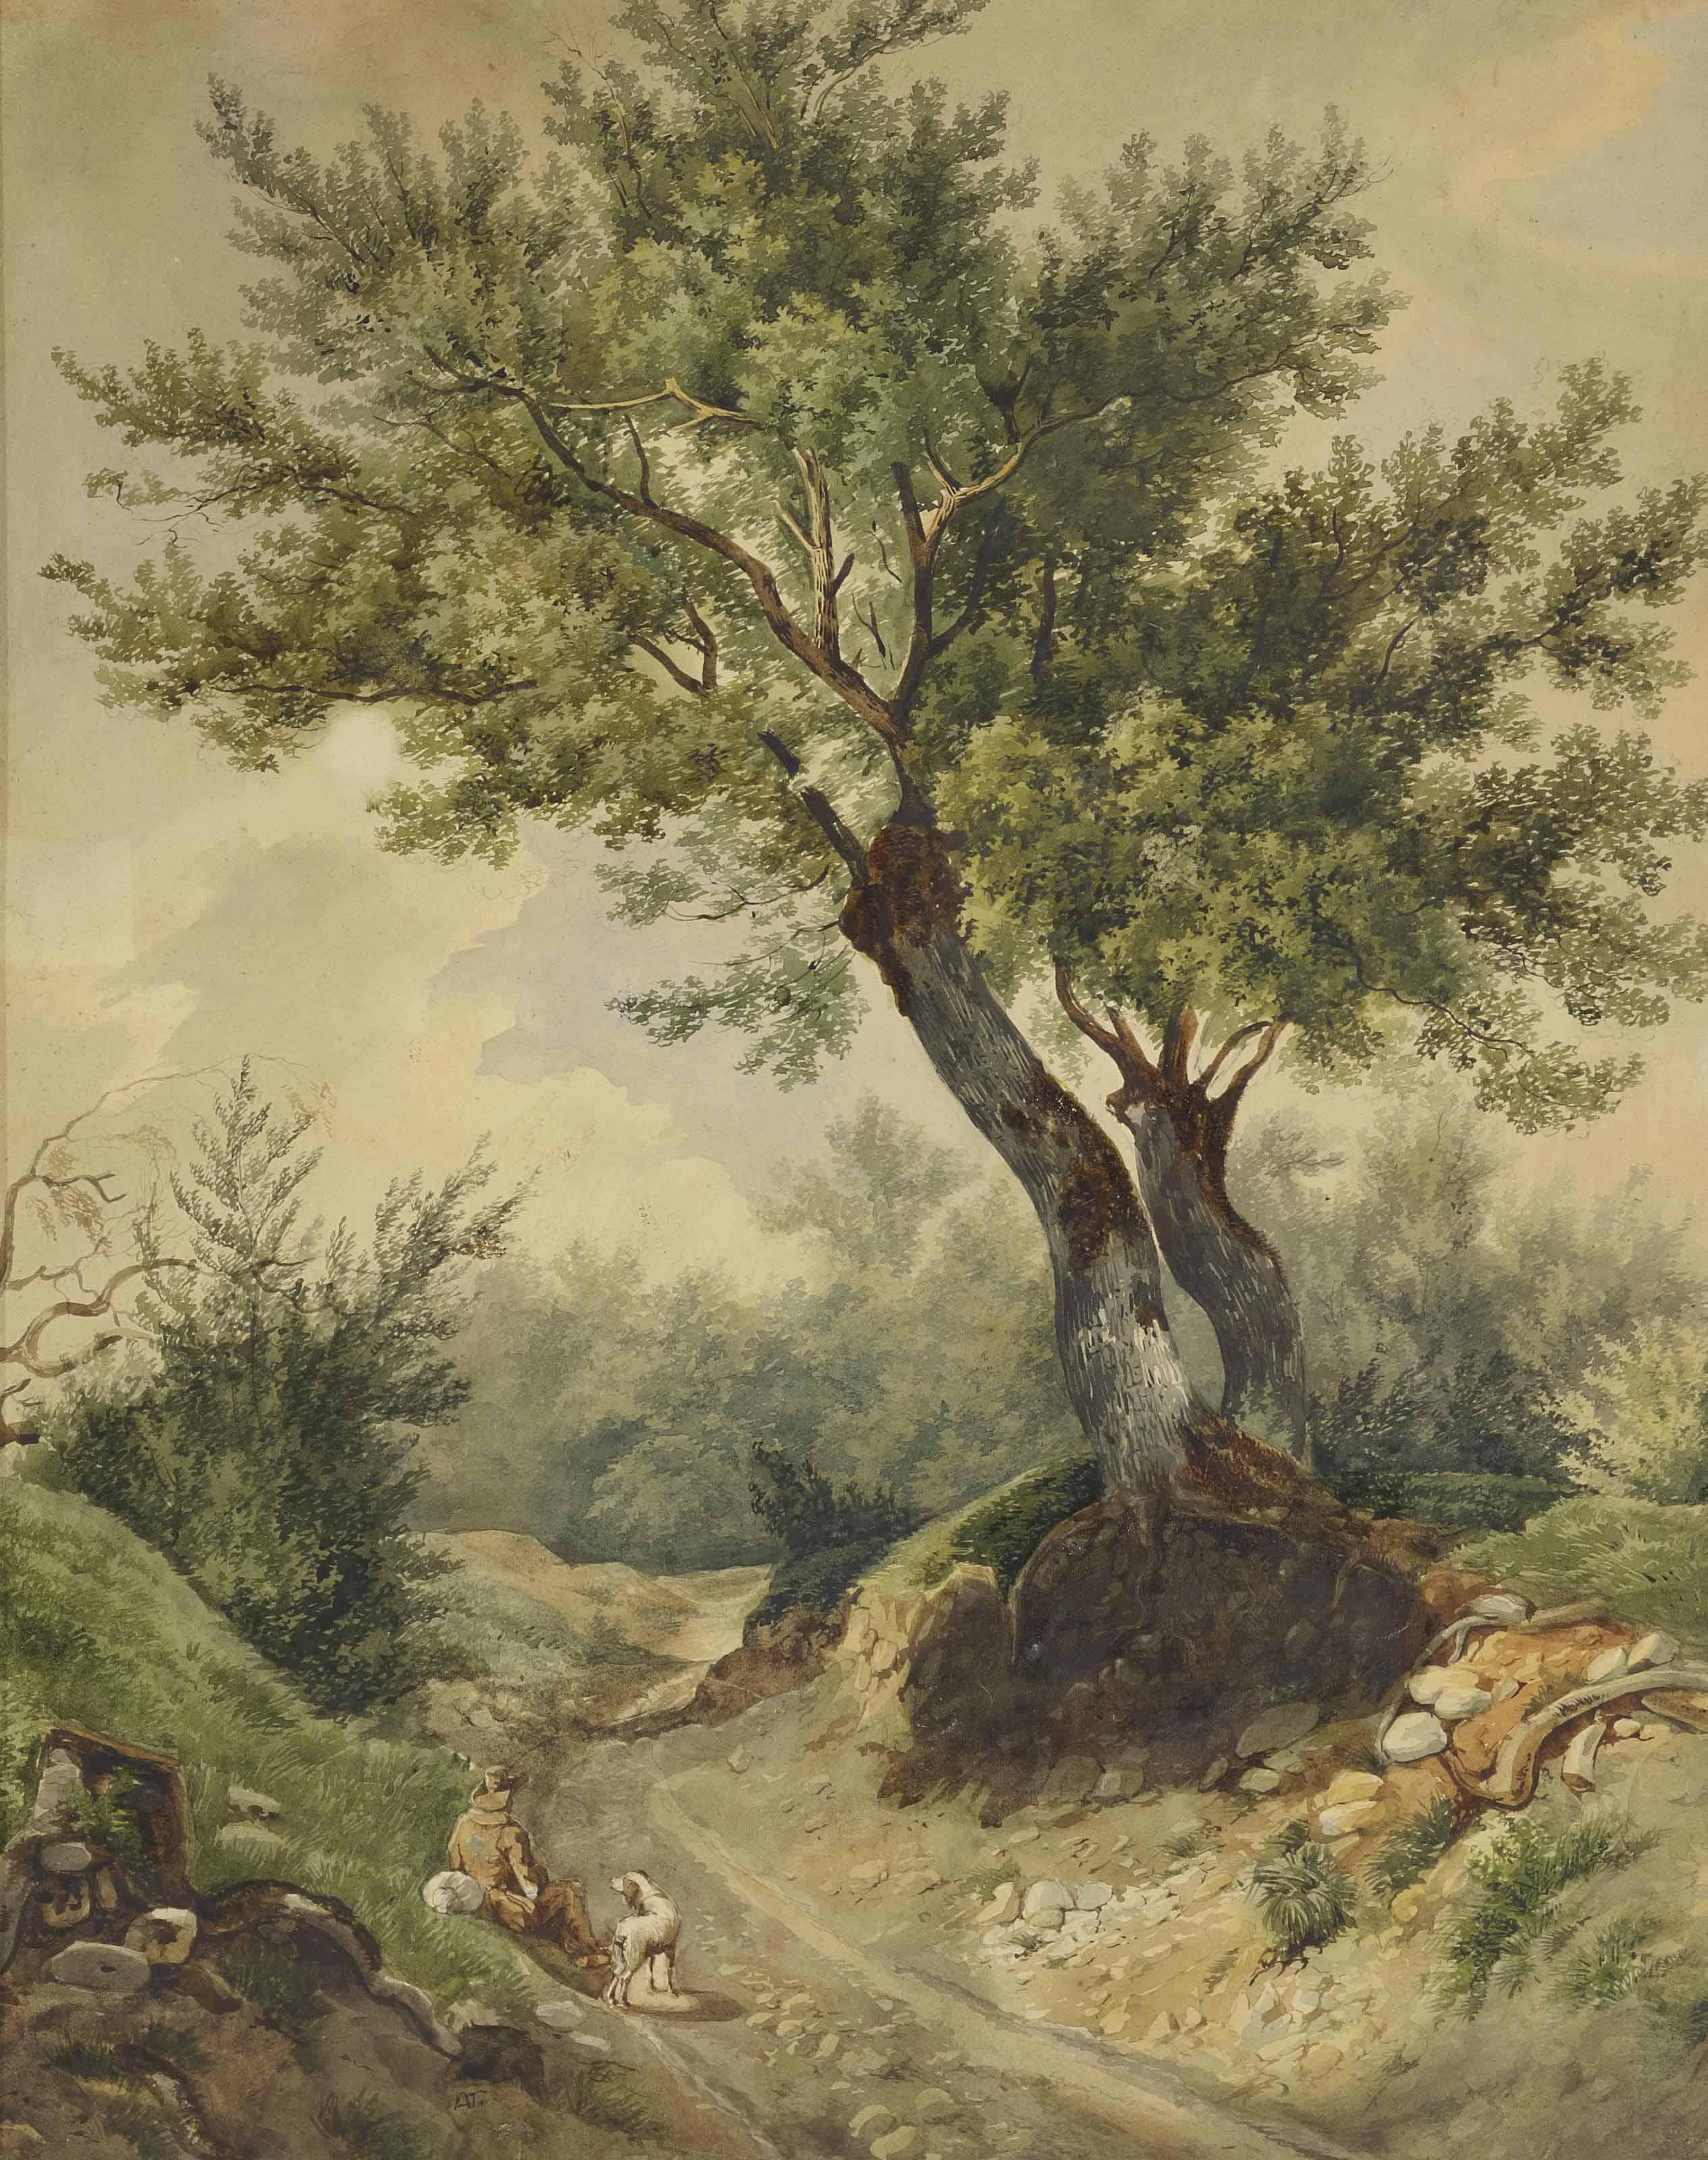 Personnages et grands arbres